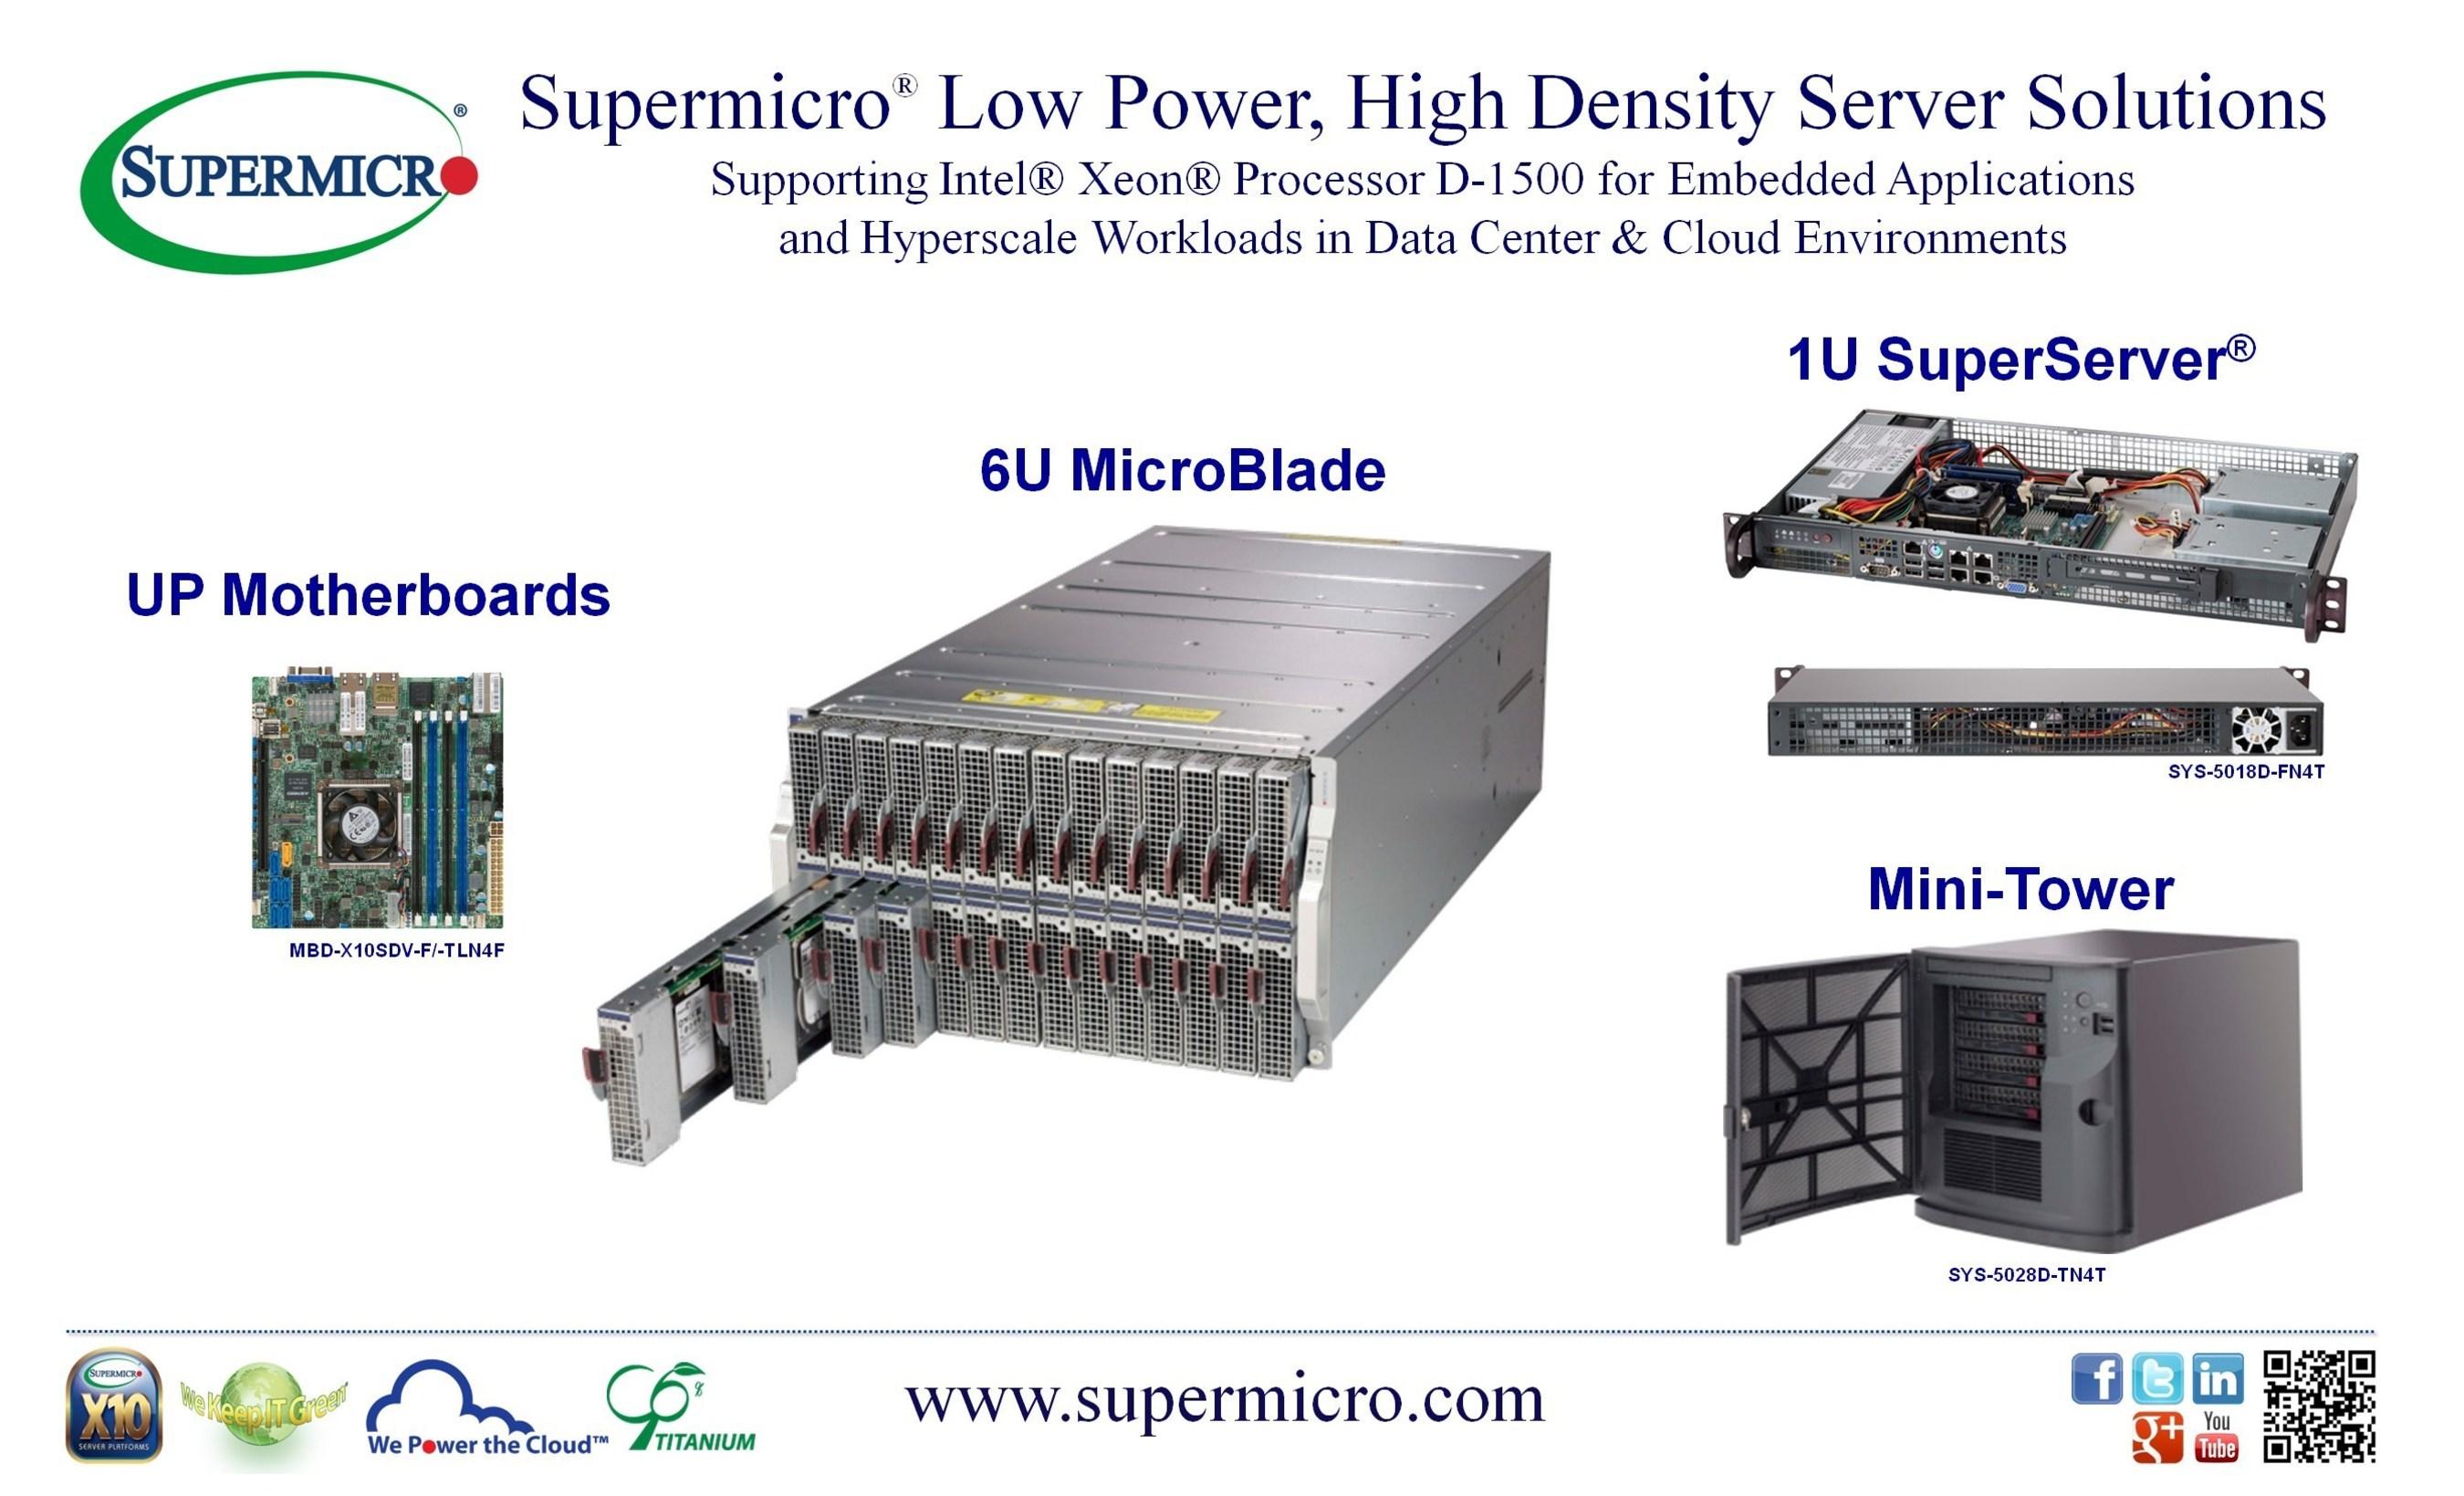 Supermicro® lancia una nuova linea di soluzioni server con ridotti consumi, alta densità e supporto